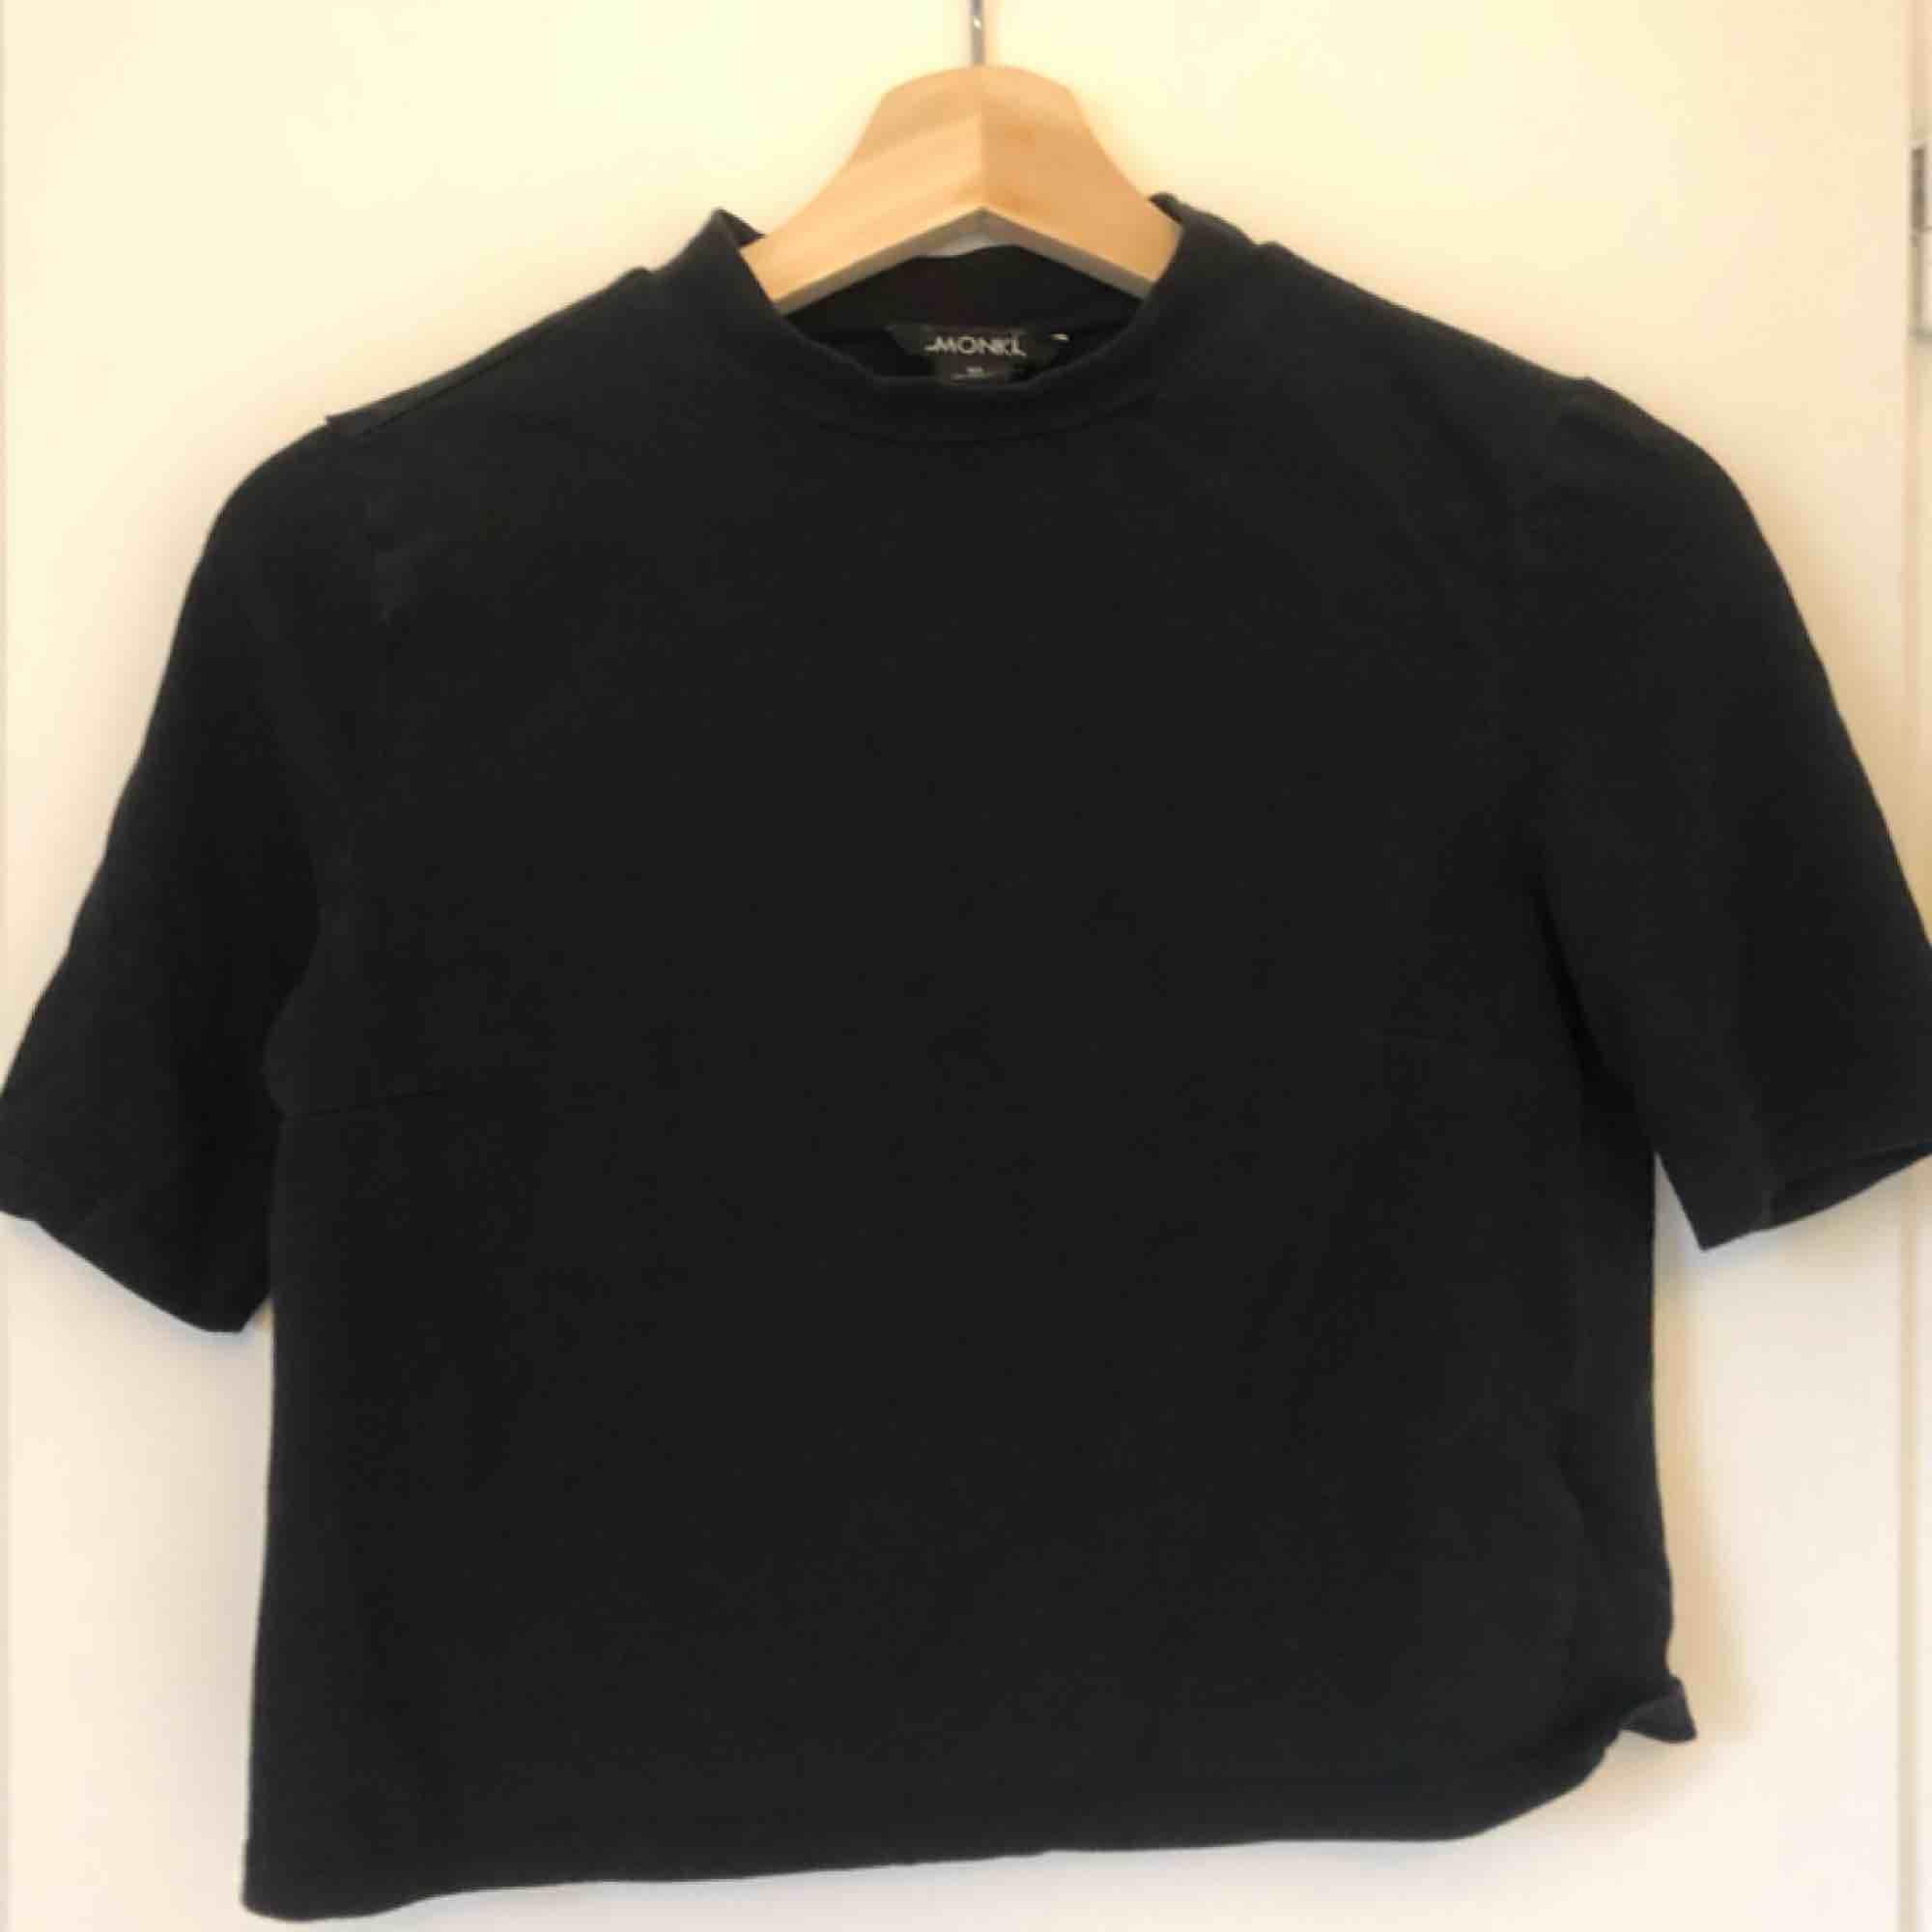 Svart croppad T-shirt med lite turtleneck från Monki. T-shirts.